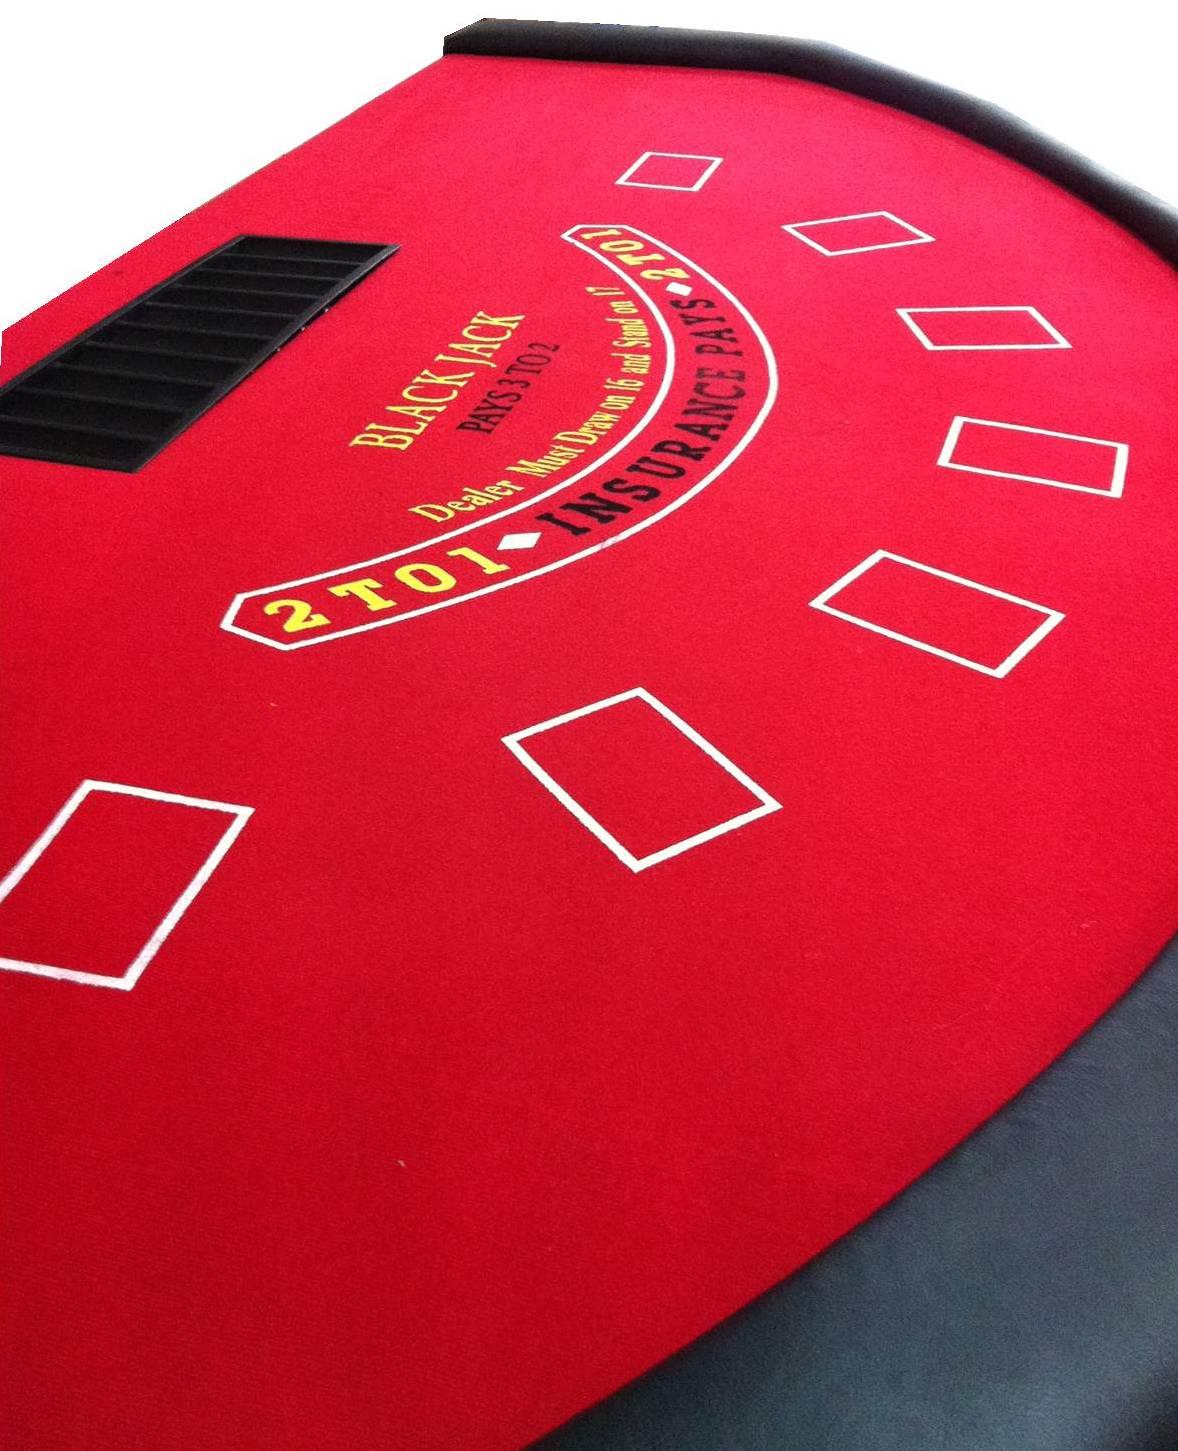 imagesblackjack-table-54.jpg